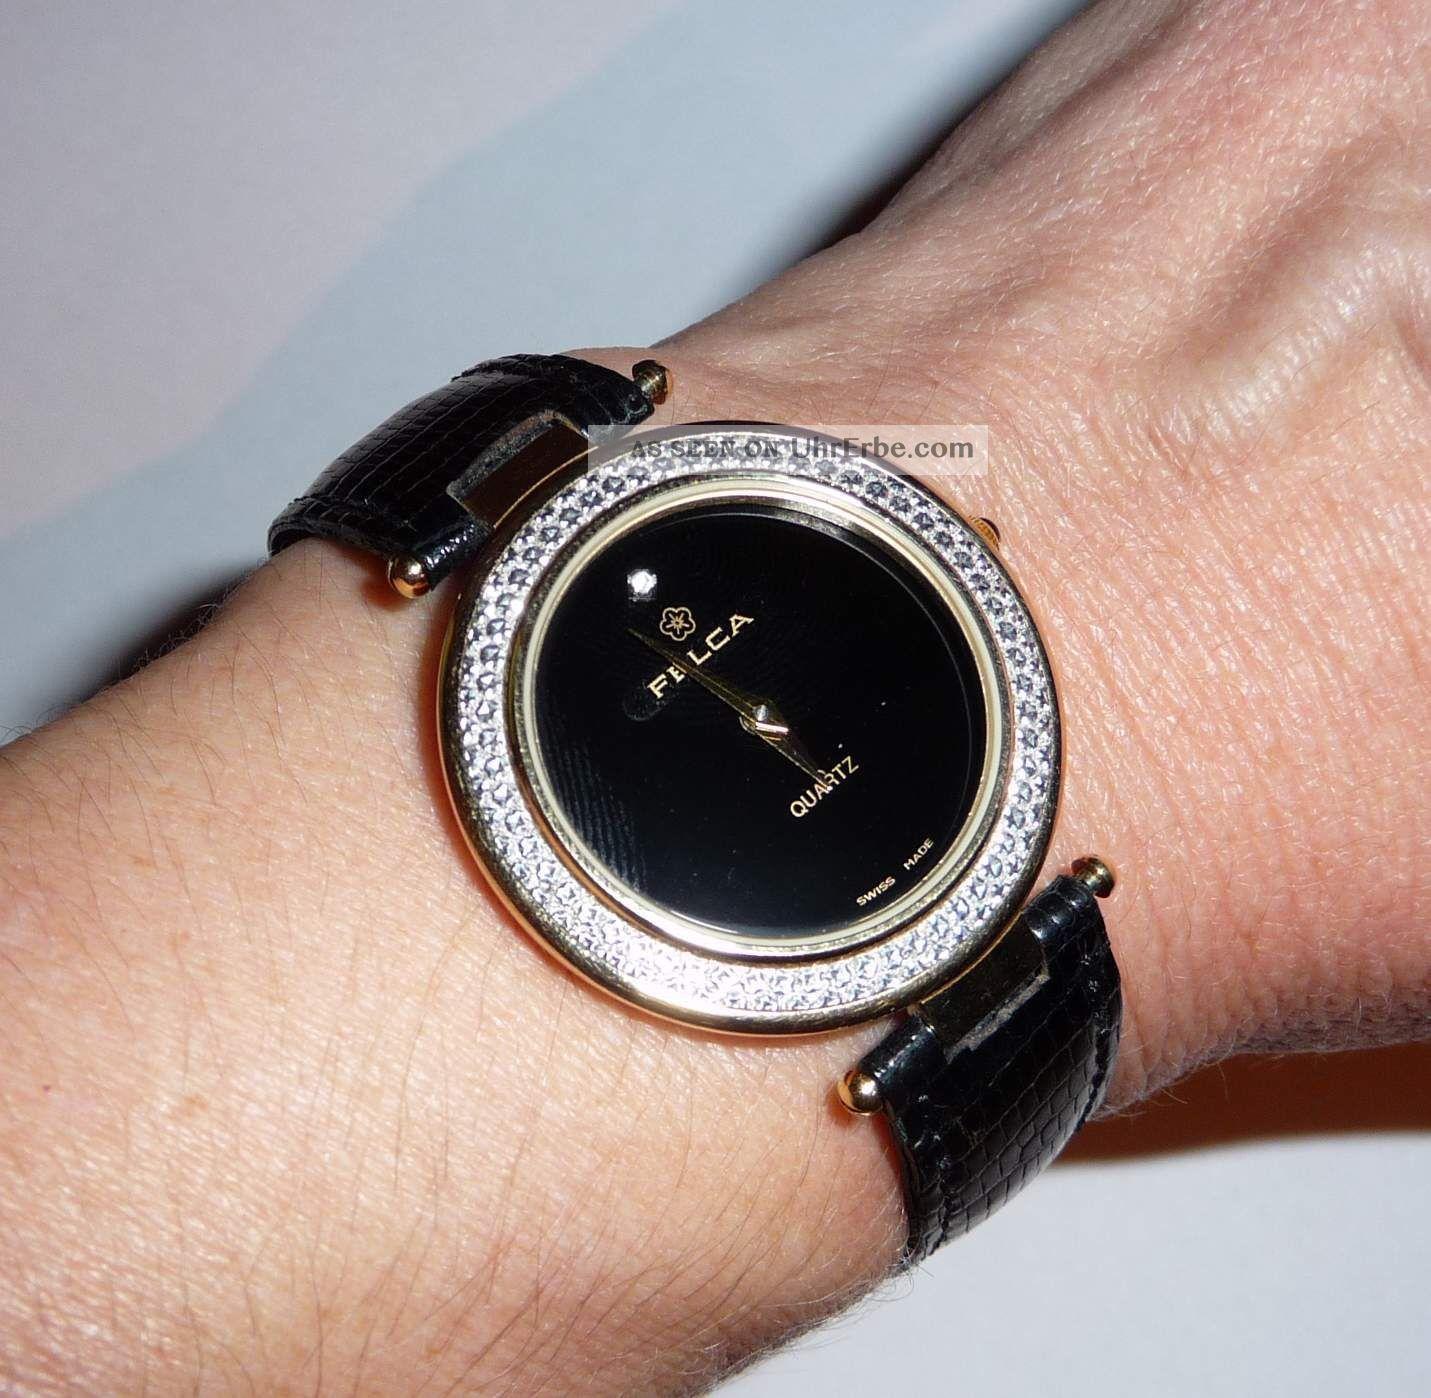 Felca Damenuhr Mit Steinchen,  Sehr Elegant Armbanduhren Bild